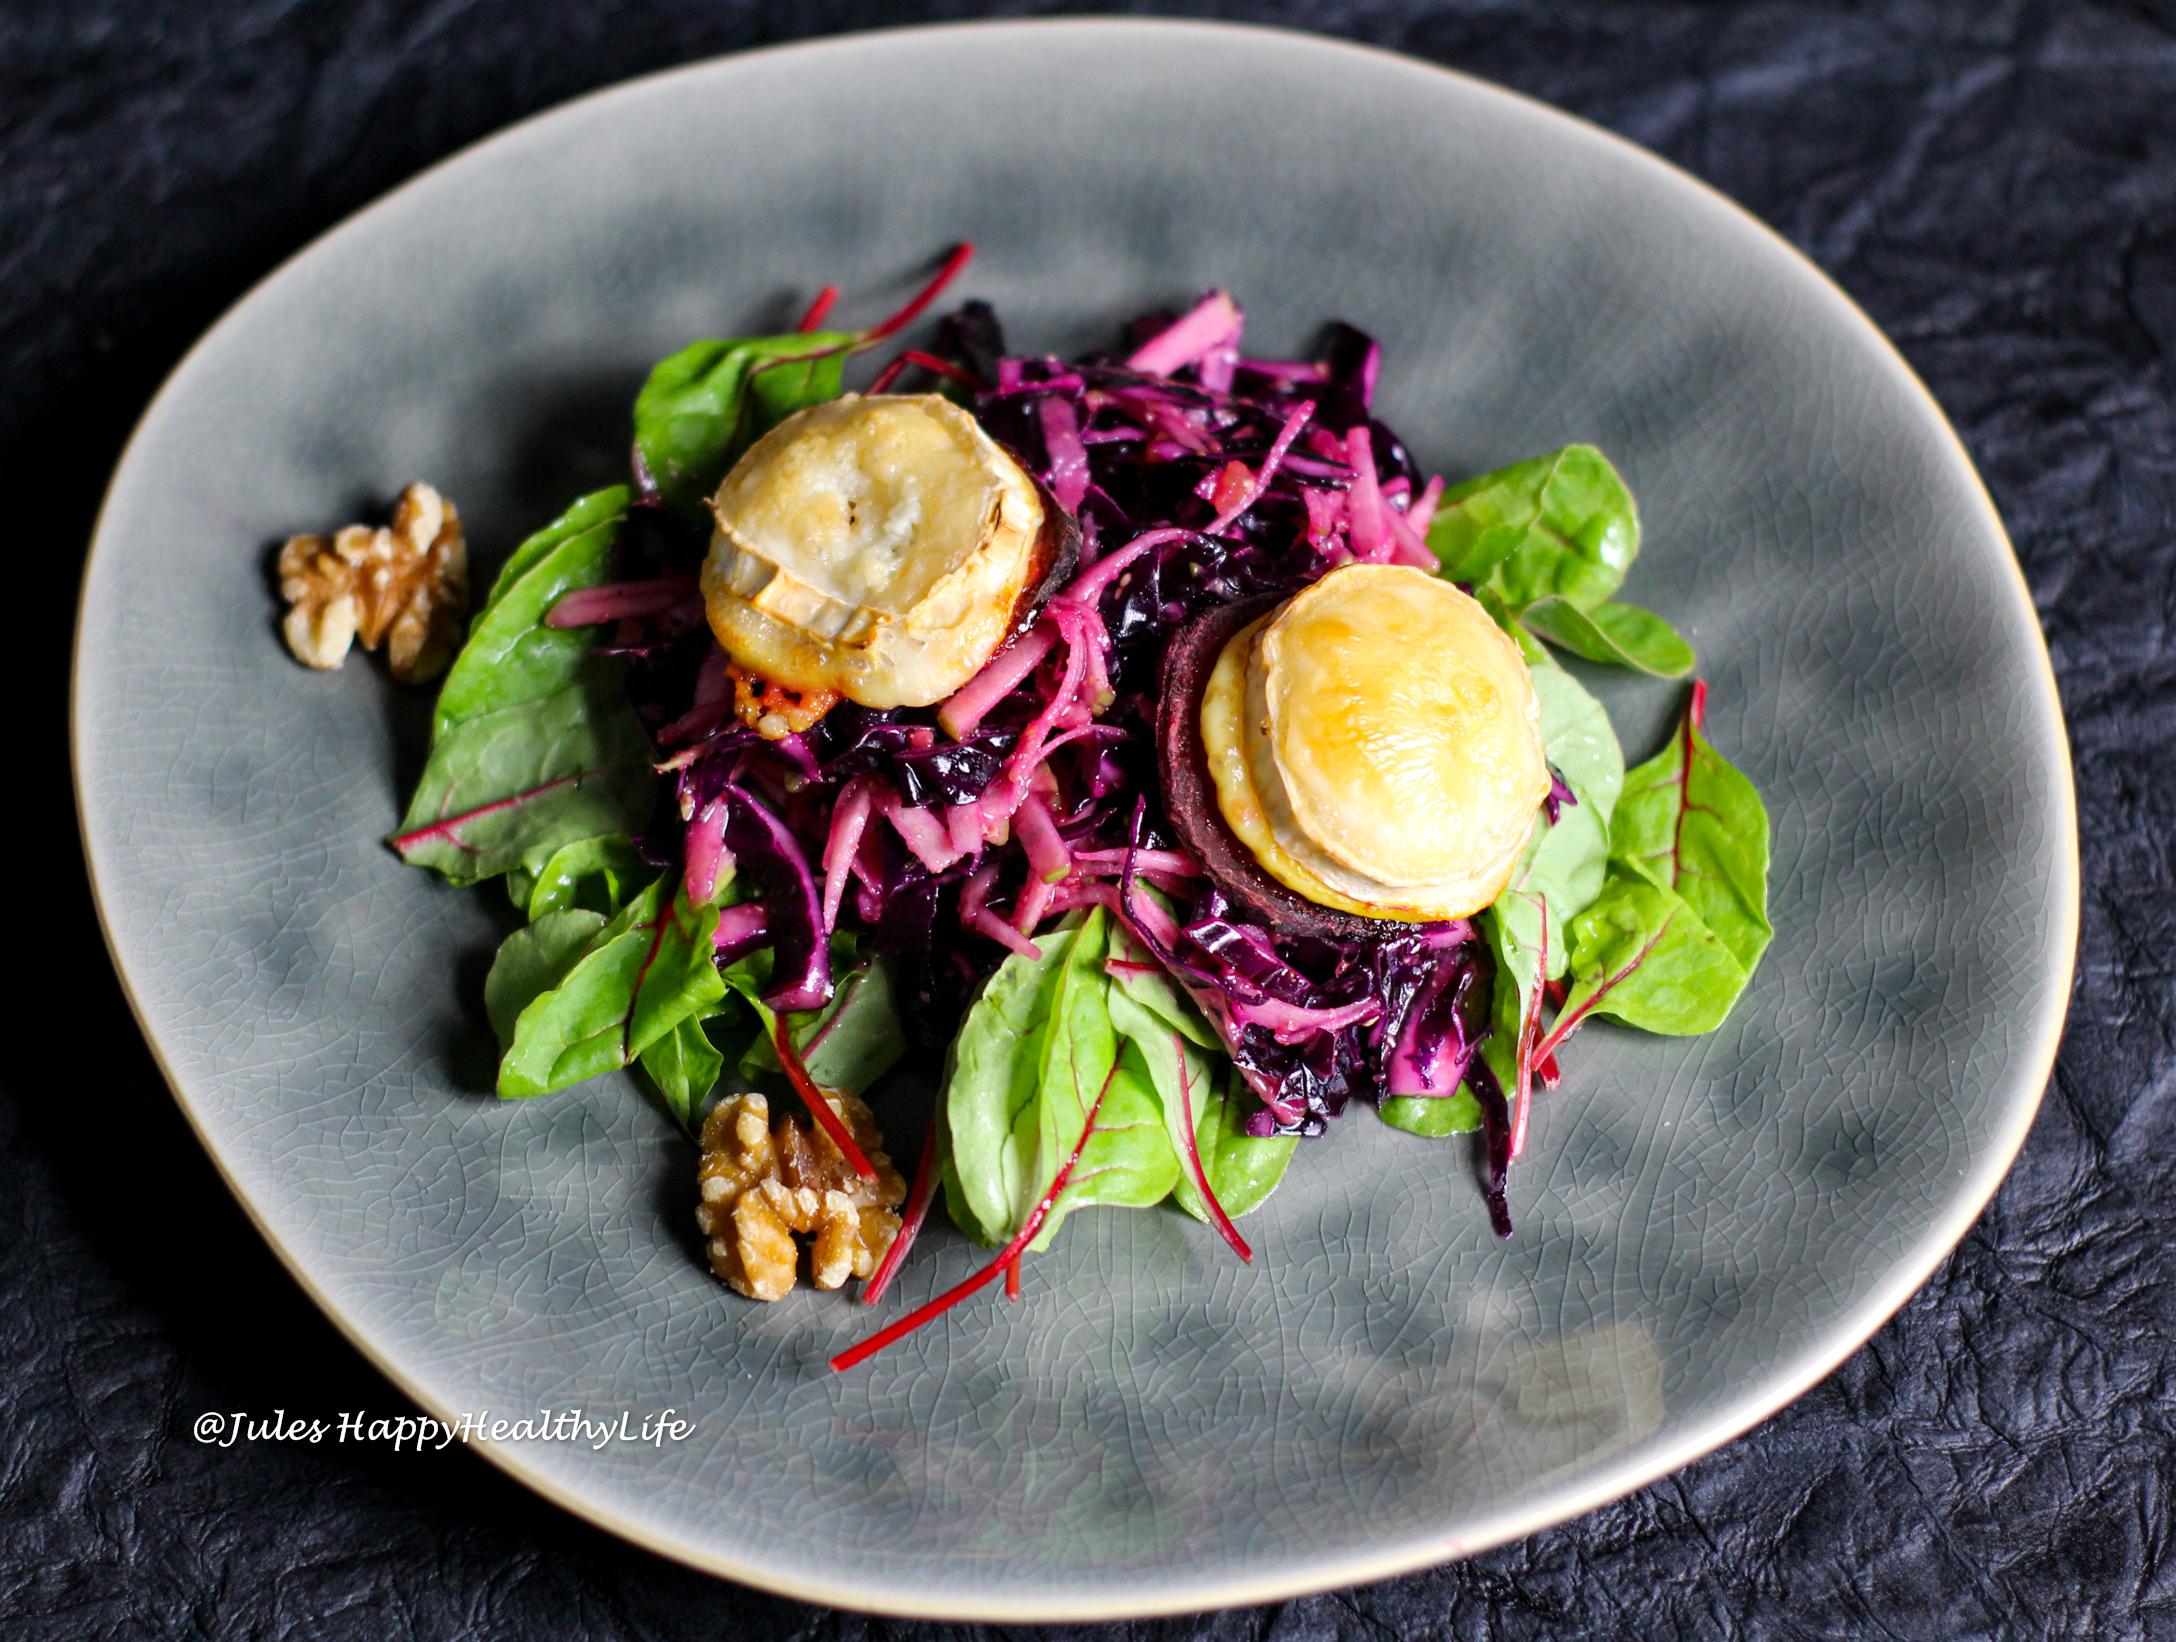 Rezept für vegetarische Vorspeise Rotkohl Apfel Salat mit gebackenem Ziegenkäse auf Rote Bete